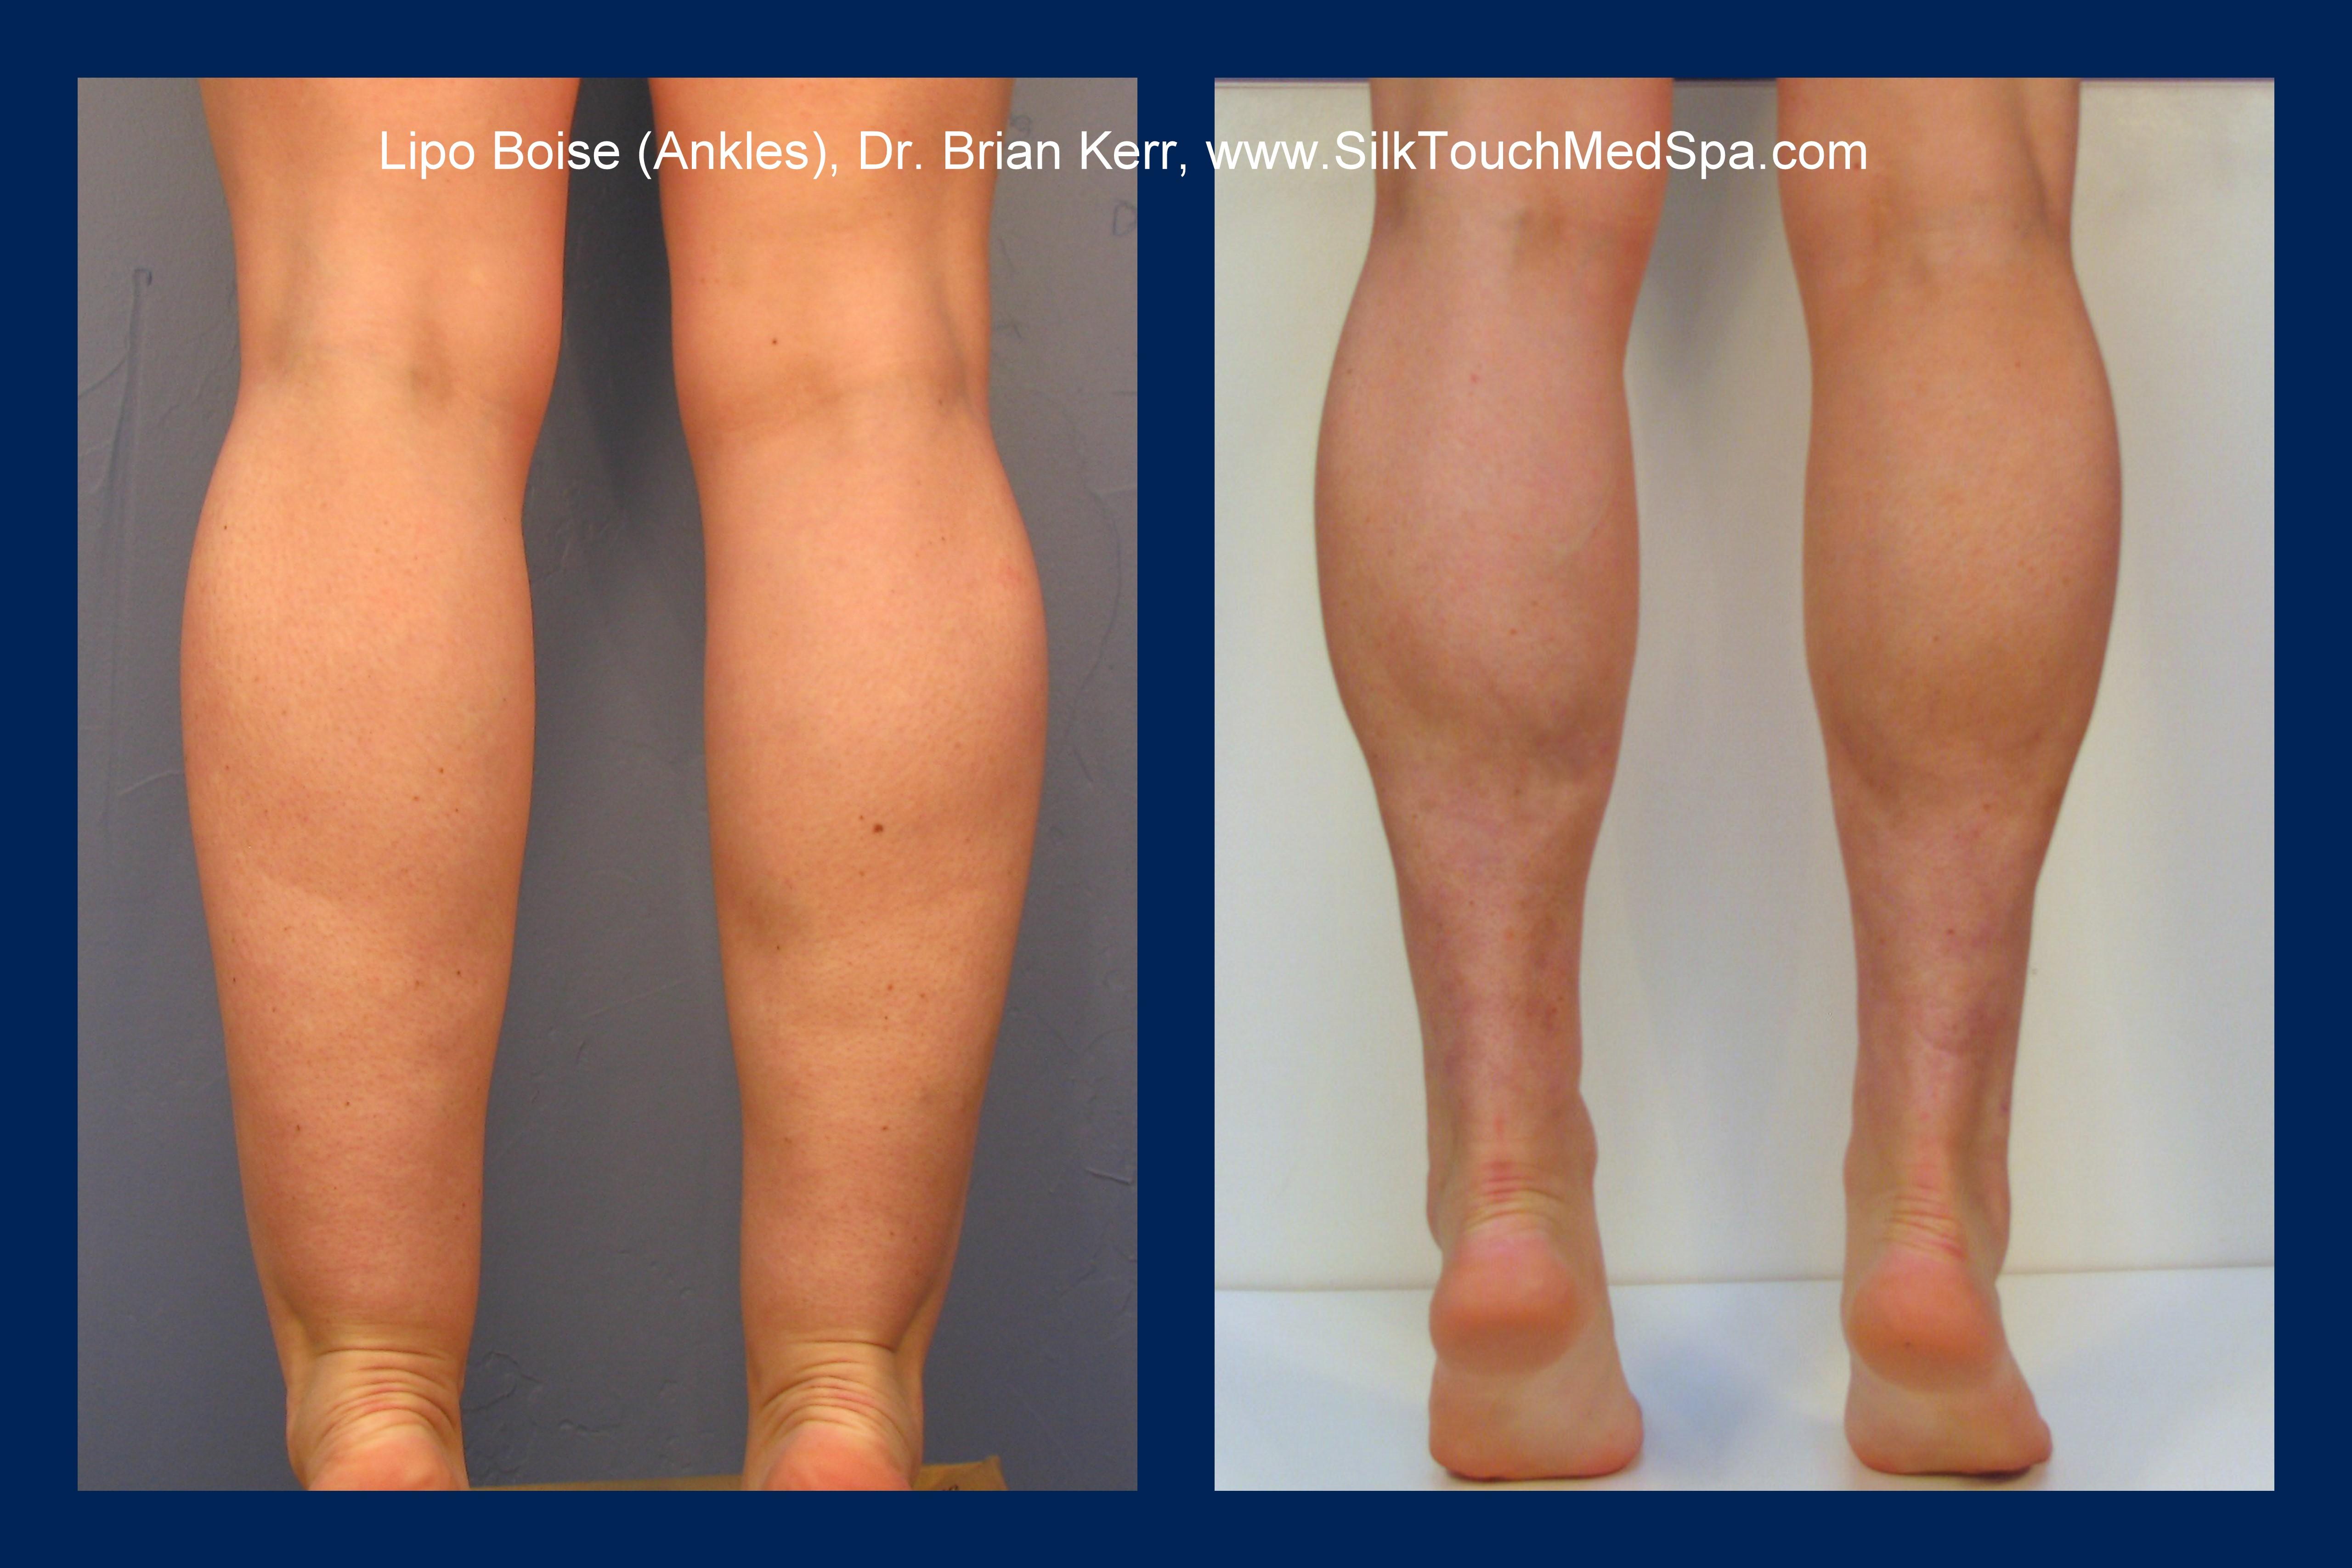 Smartlipo, Vaser, ankle liposuction, Dr. Brian Kerr, Silk Touch Med Spa, Boise